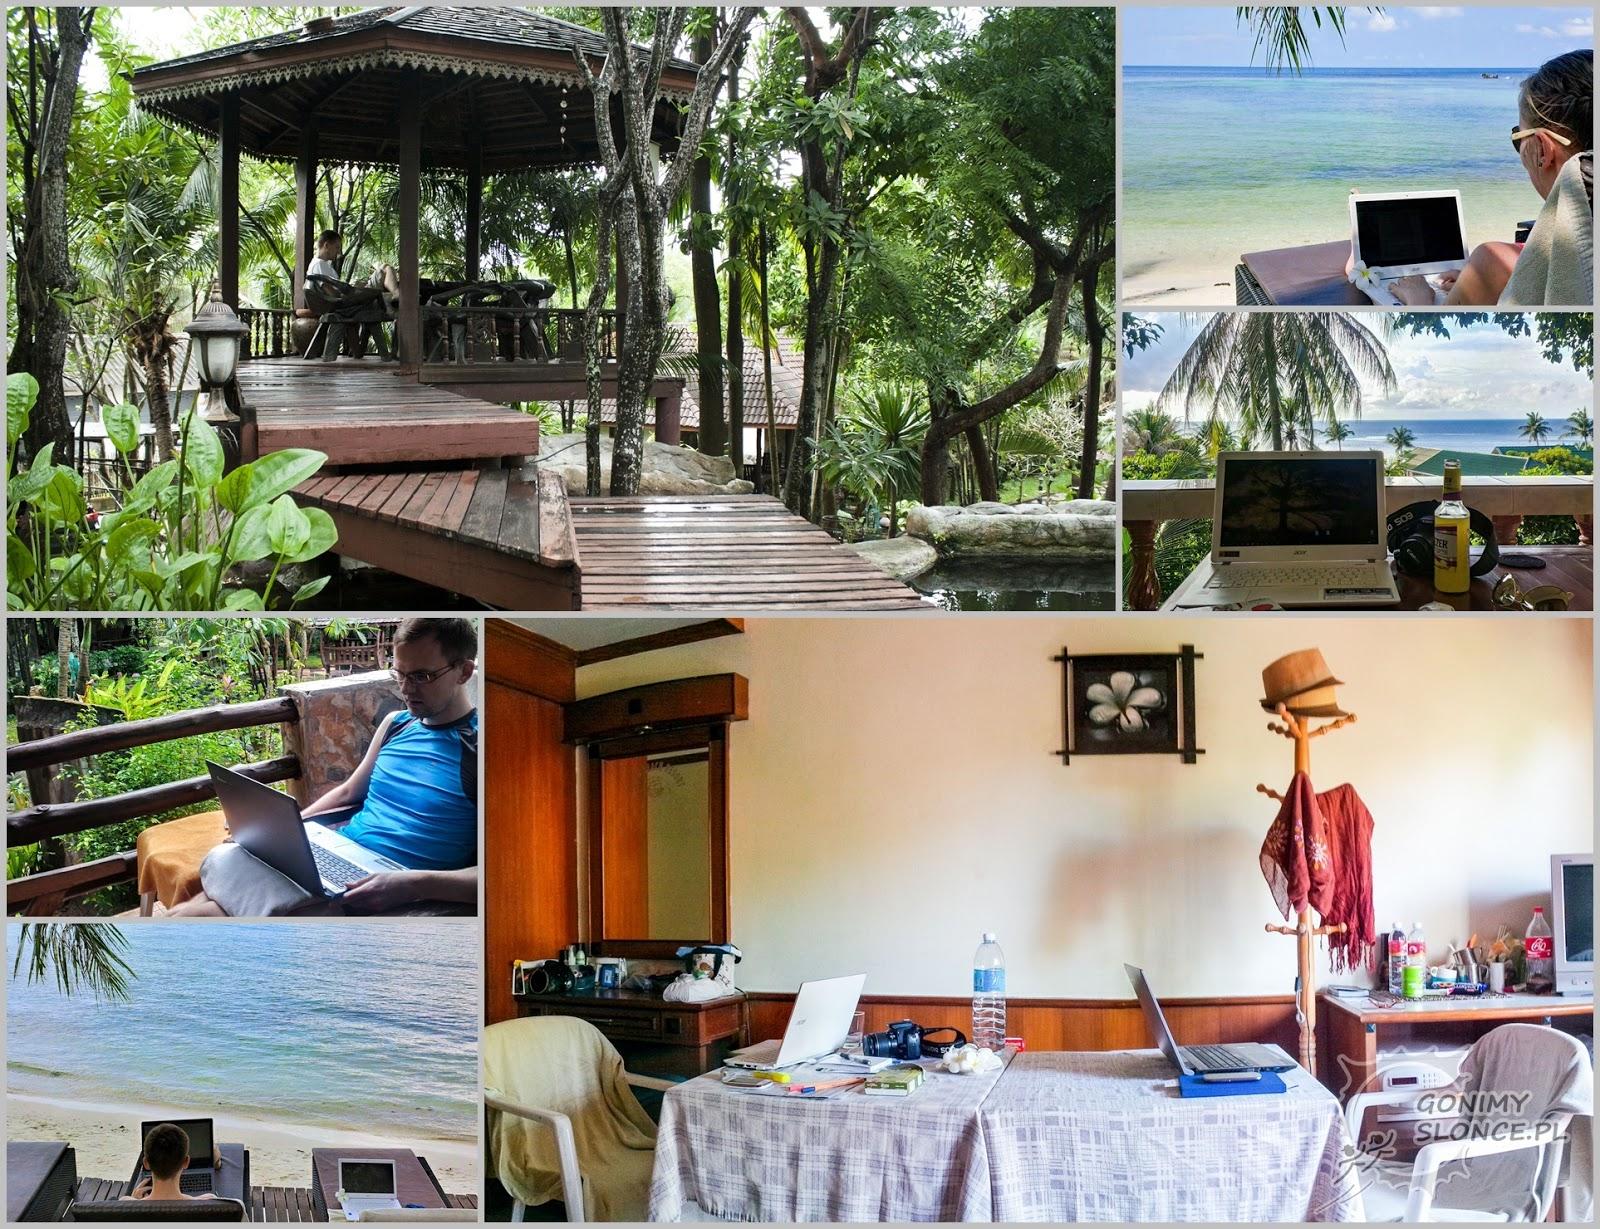 Praca w tropikach, zdalna praca, cyfrowi nomadzi